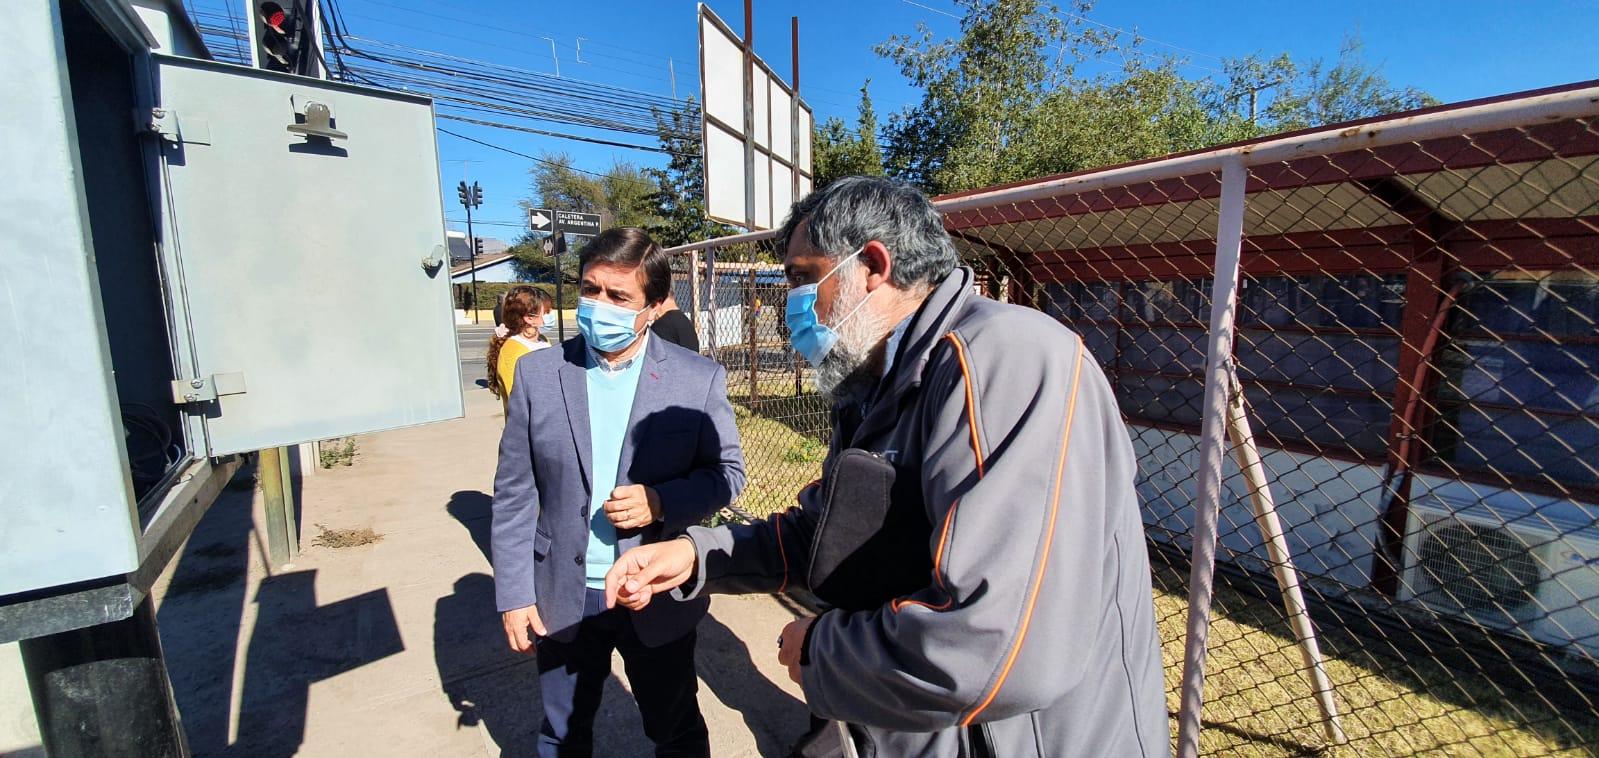 UOCT Valparaíso realizó ajustes en la programación del semáforo ubicado en la intersección de Av. Argentina con Av. España de Los Andes para dar más seguridad a los peatones